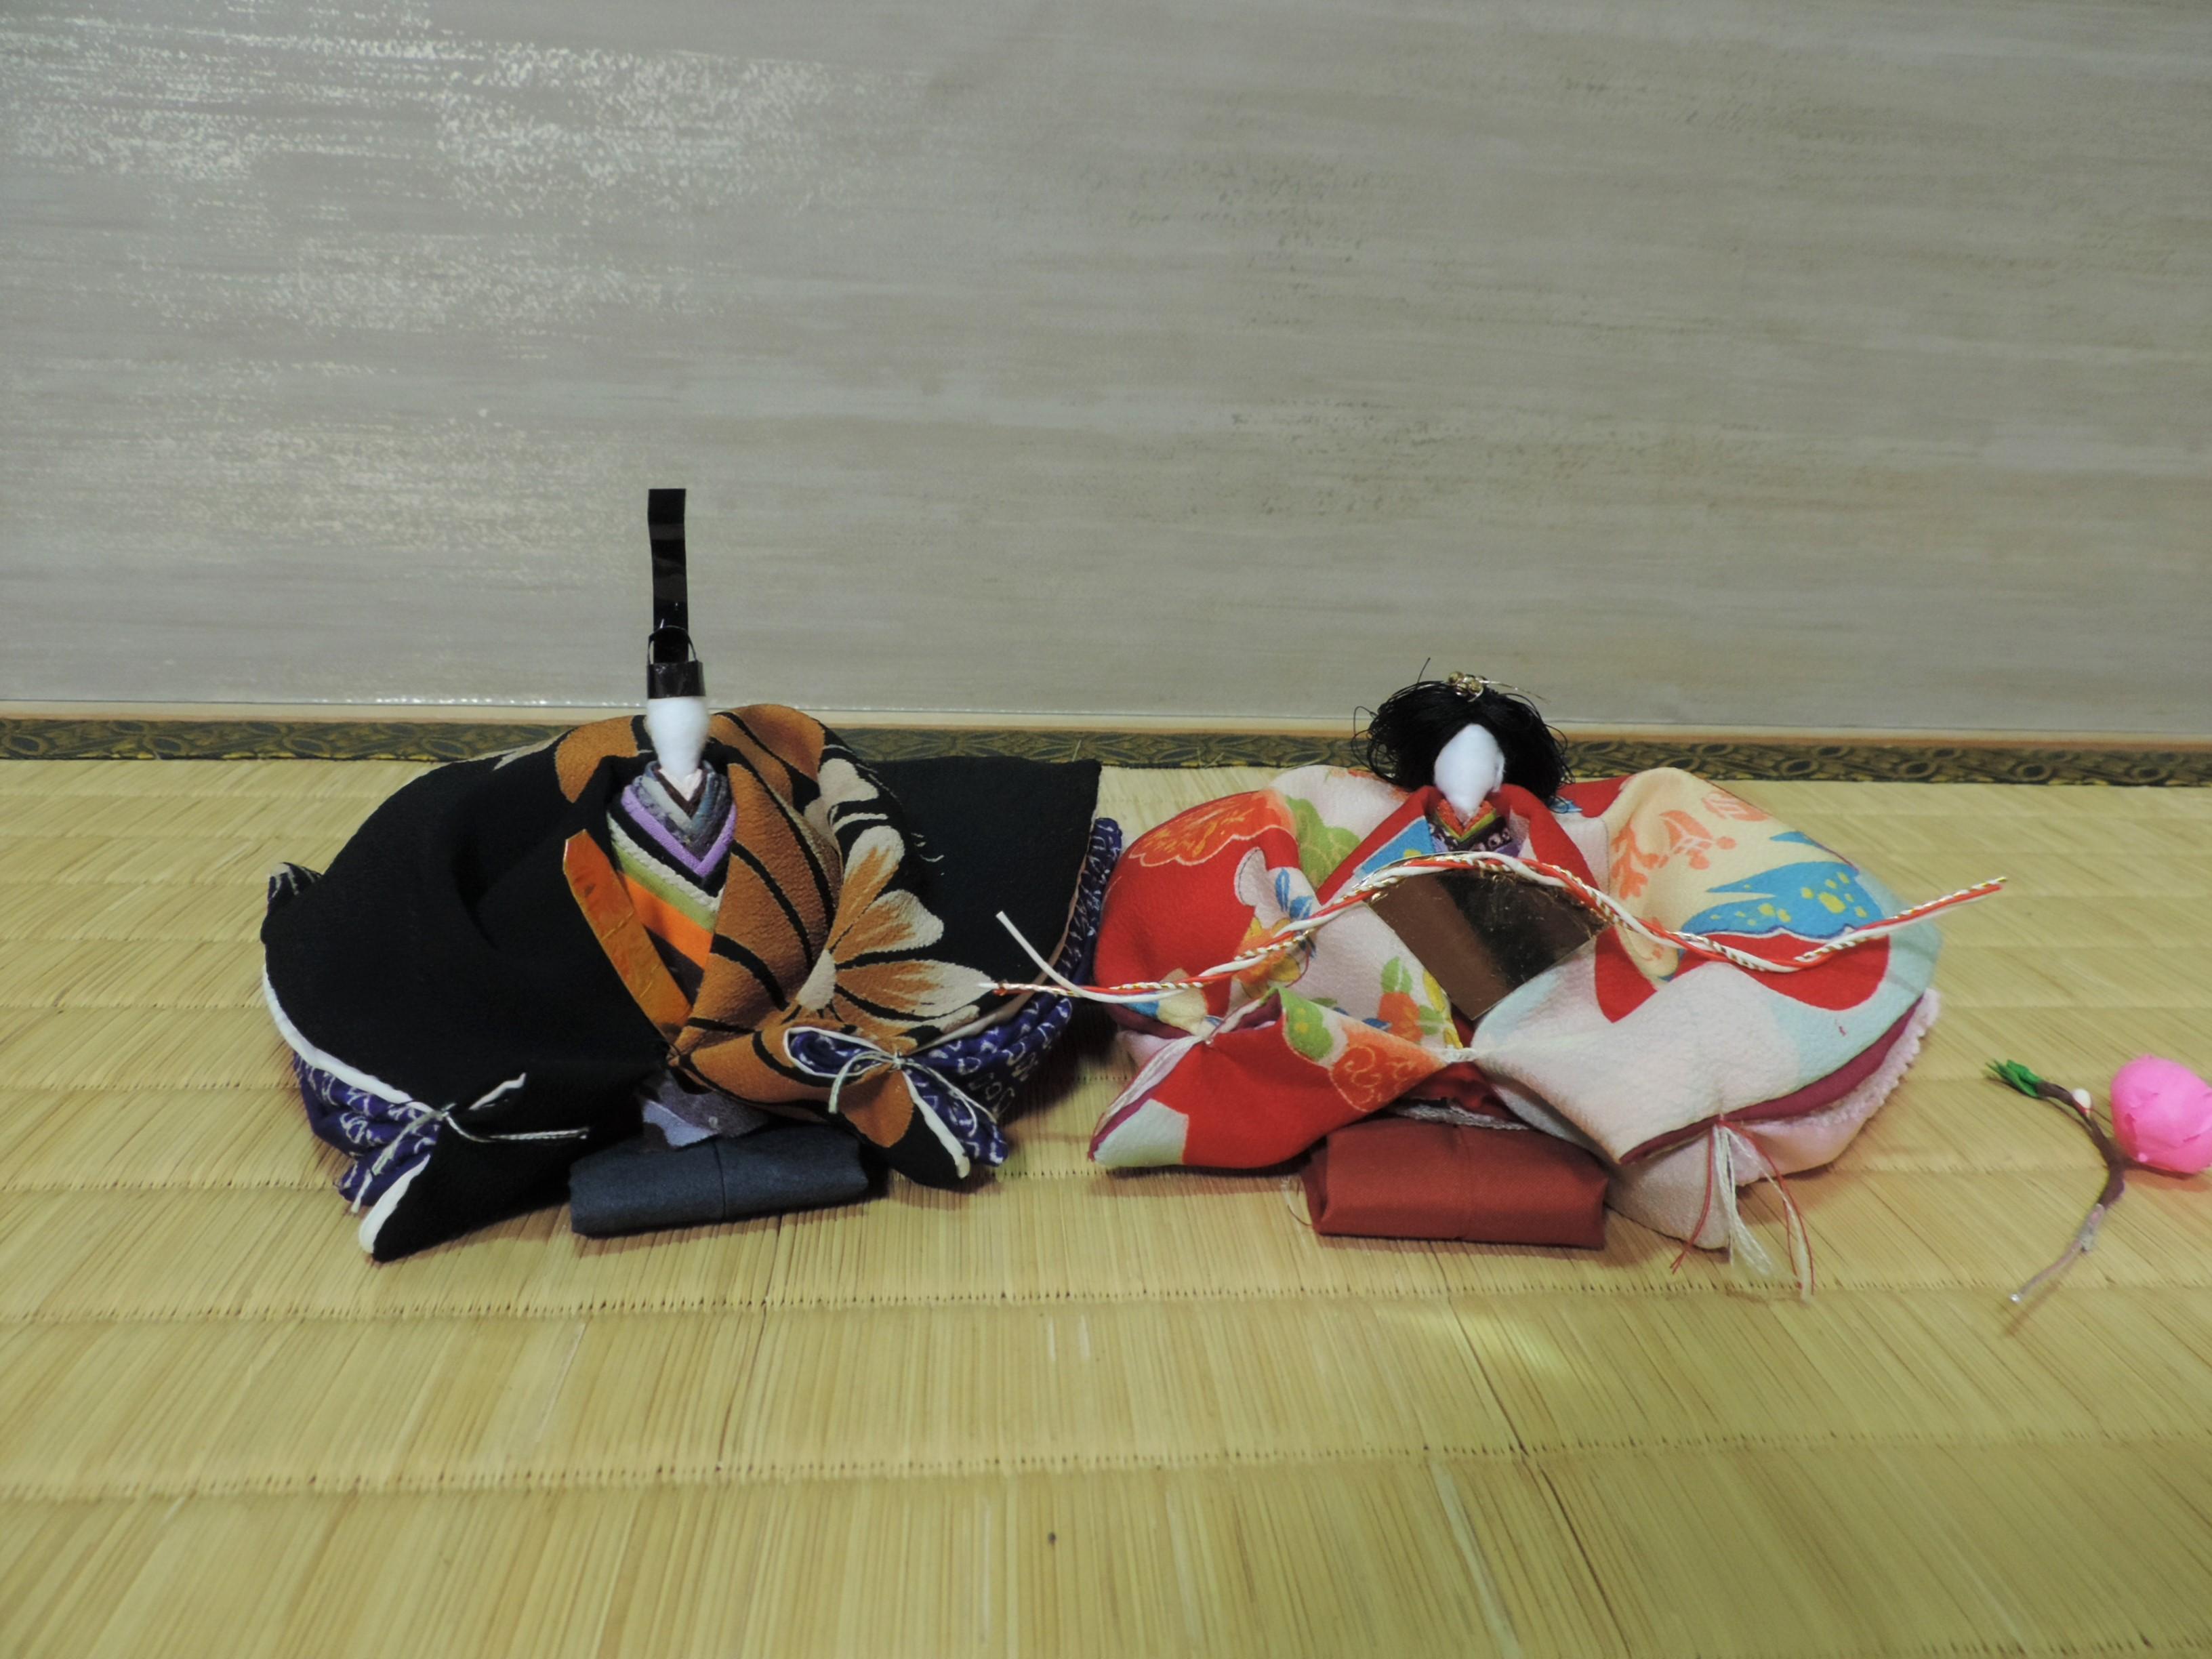 【ひな祭り♥】手作りひな人形をお部屋に飾りました!